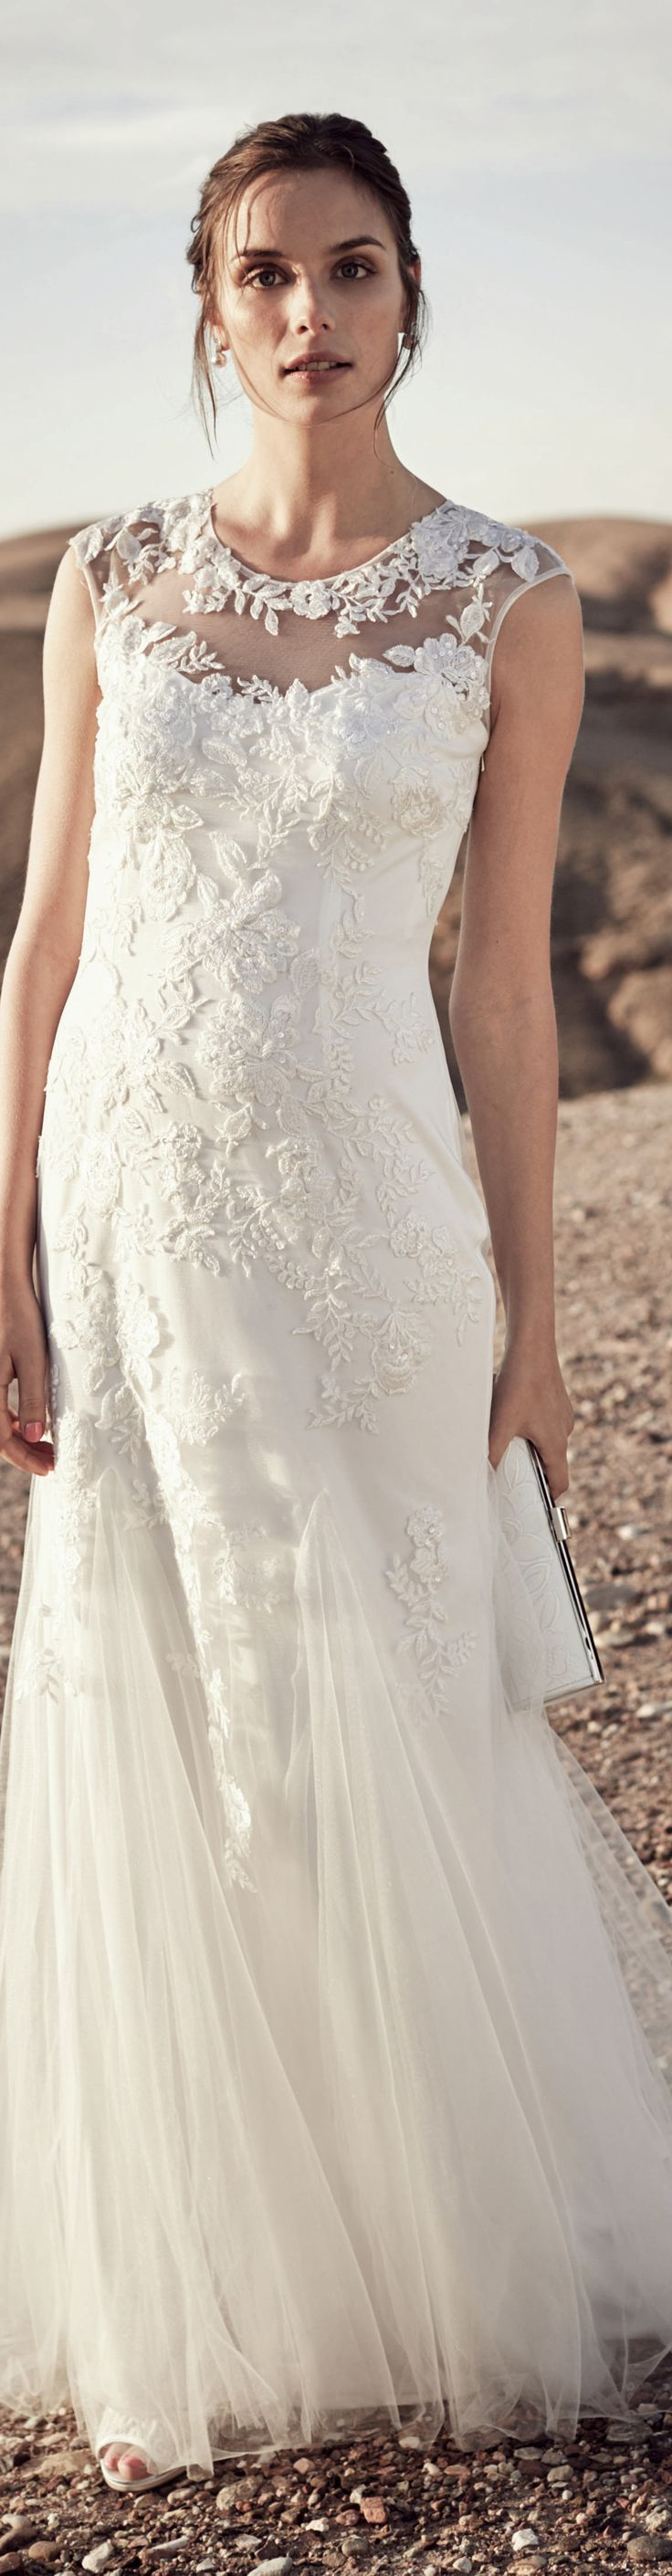 1000 images about wedding dresses for older brides on for Plus size wedding dresses for mature brides